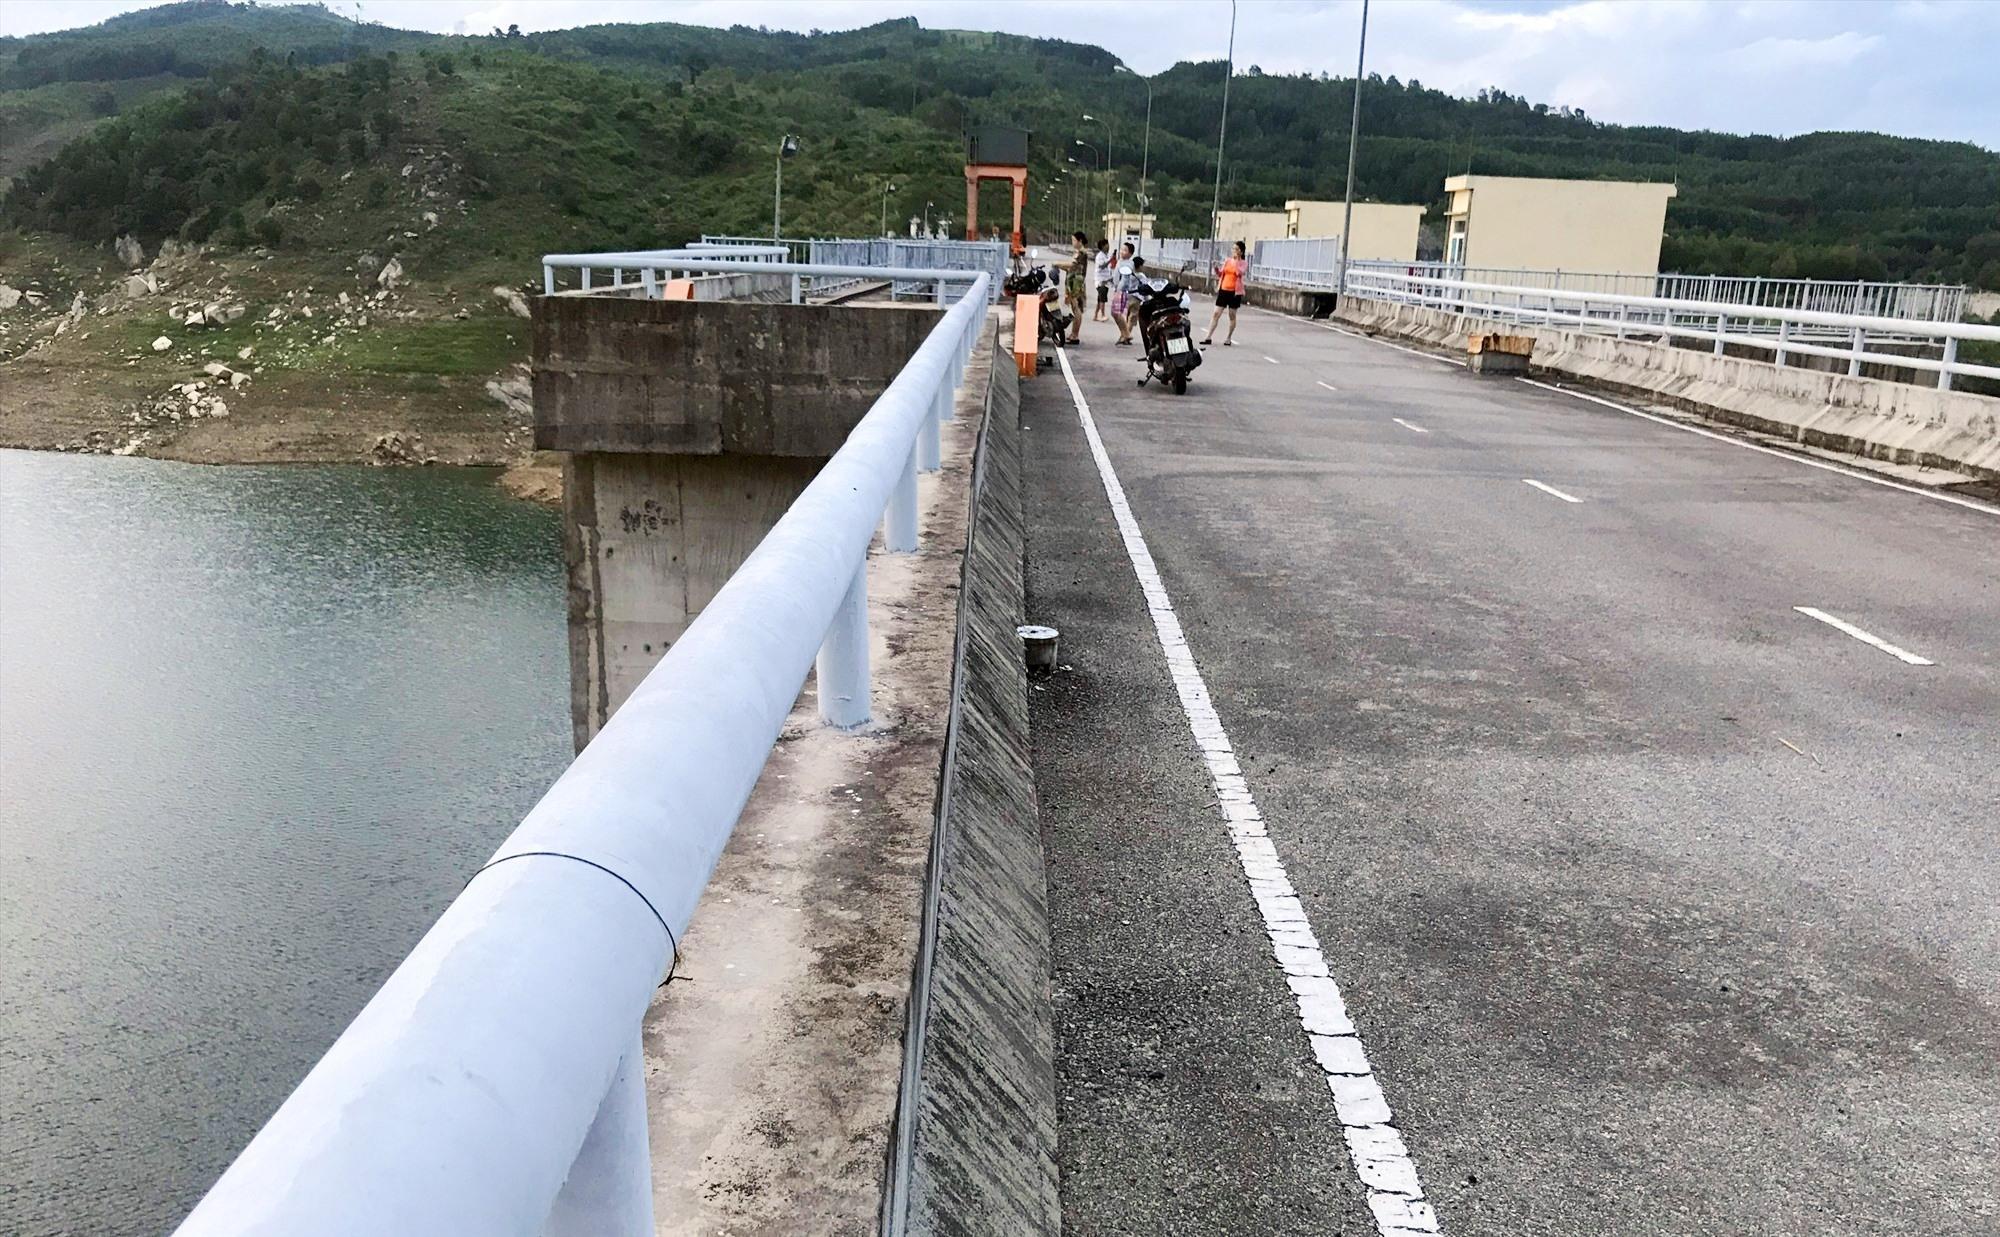 Khu vực thủy điện Sông Tranh 2 (Bắc Trà My) lại xảy ra động đất mạnh 3.3 độ Richter vào sáng sớm ngày 7.6.